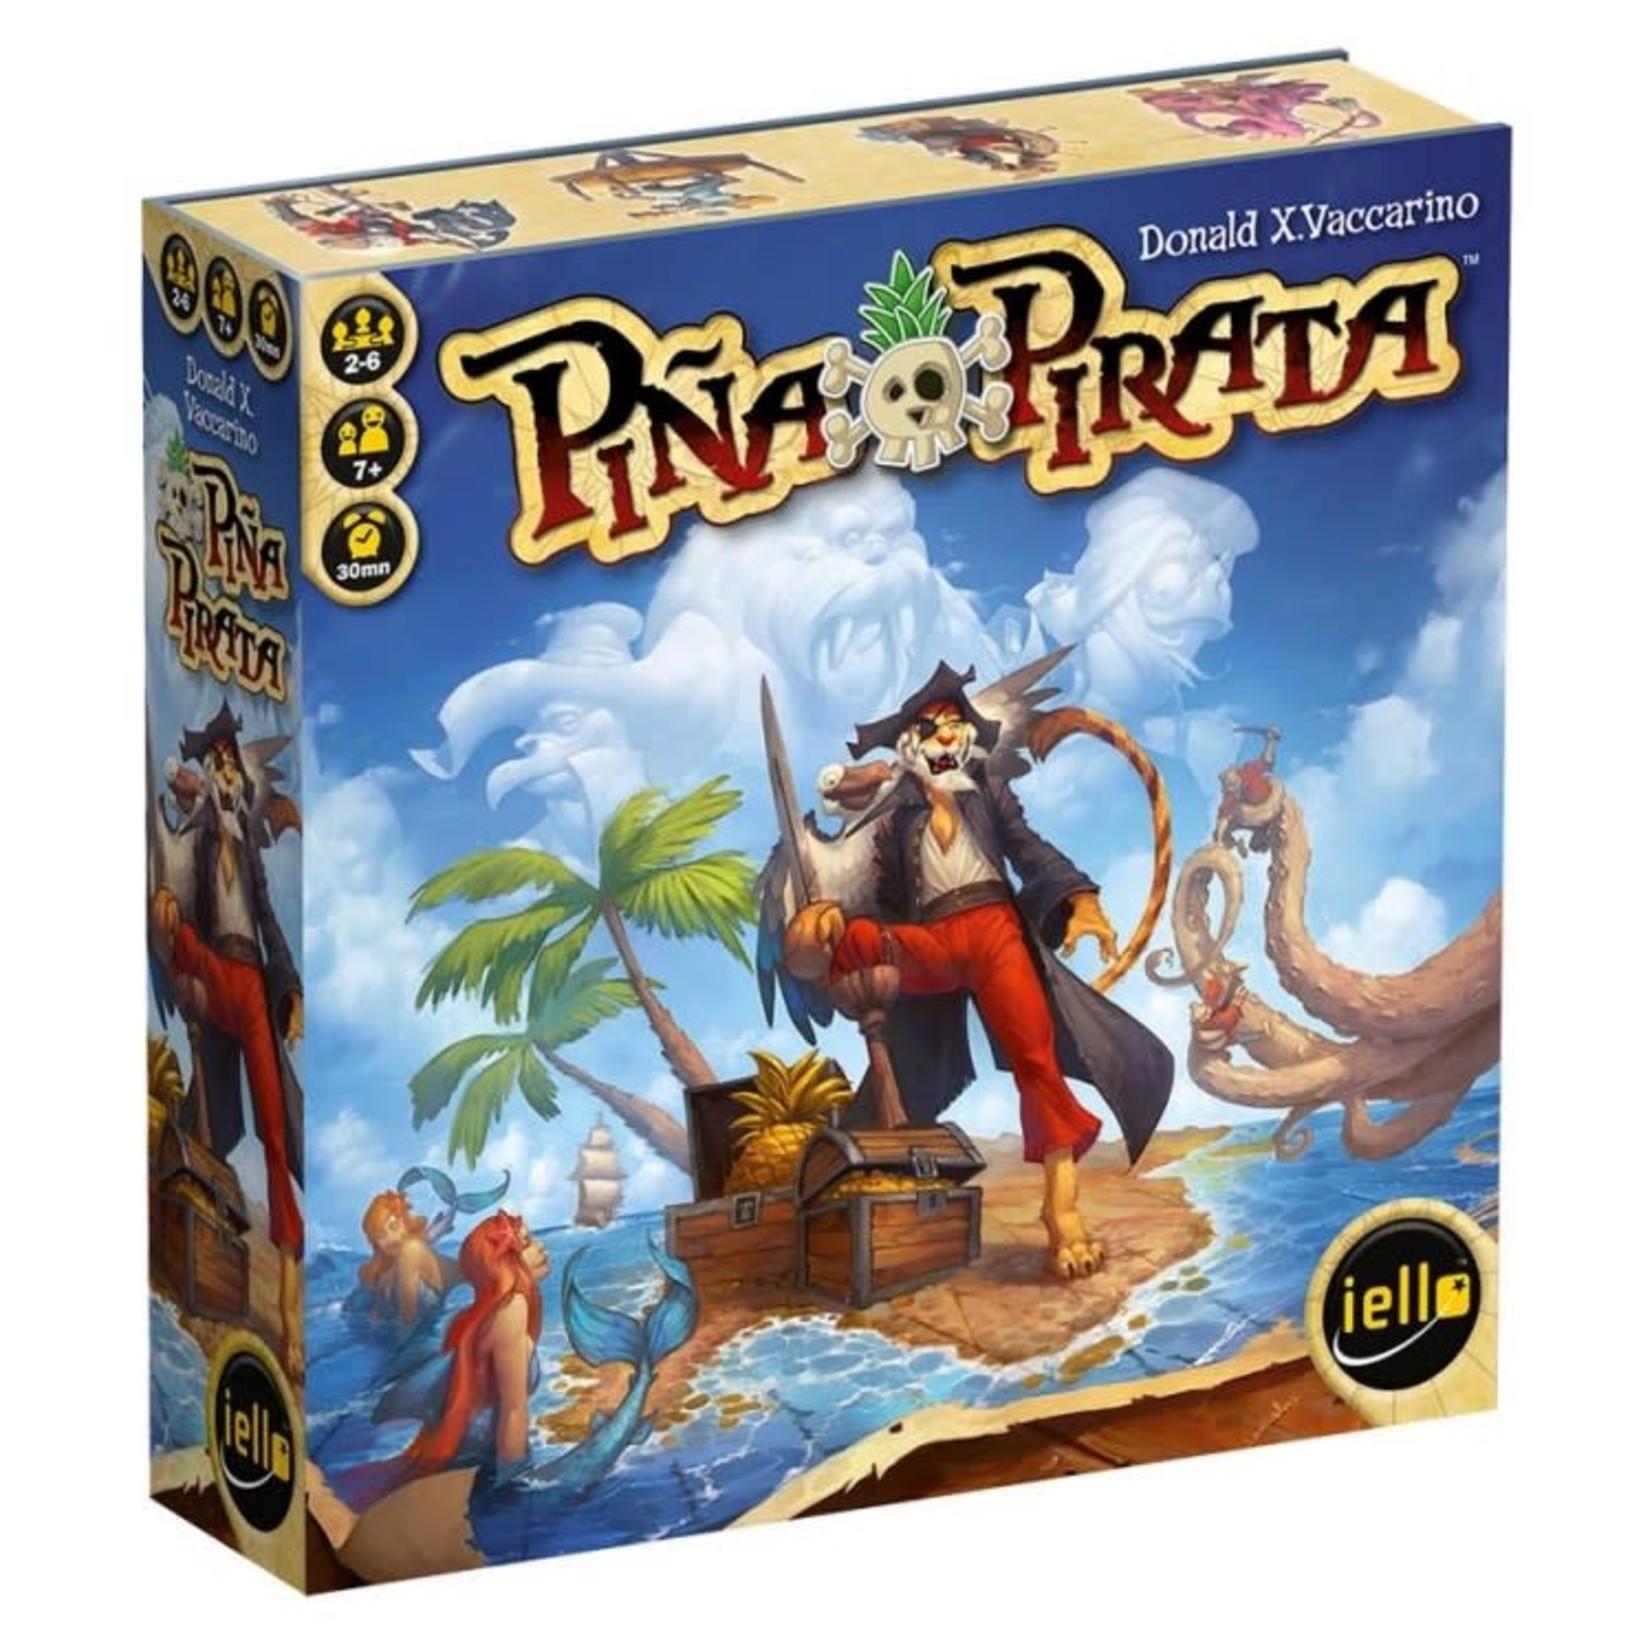 Iello Pina Pirata